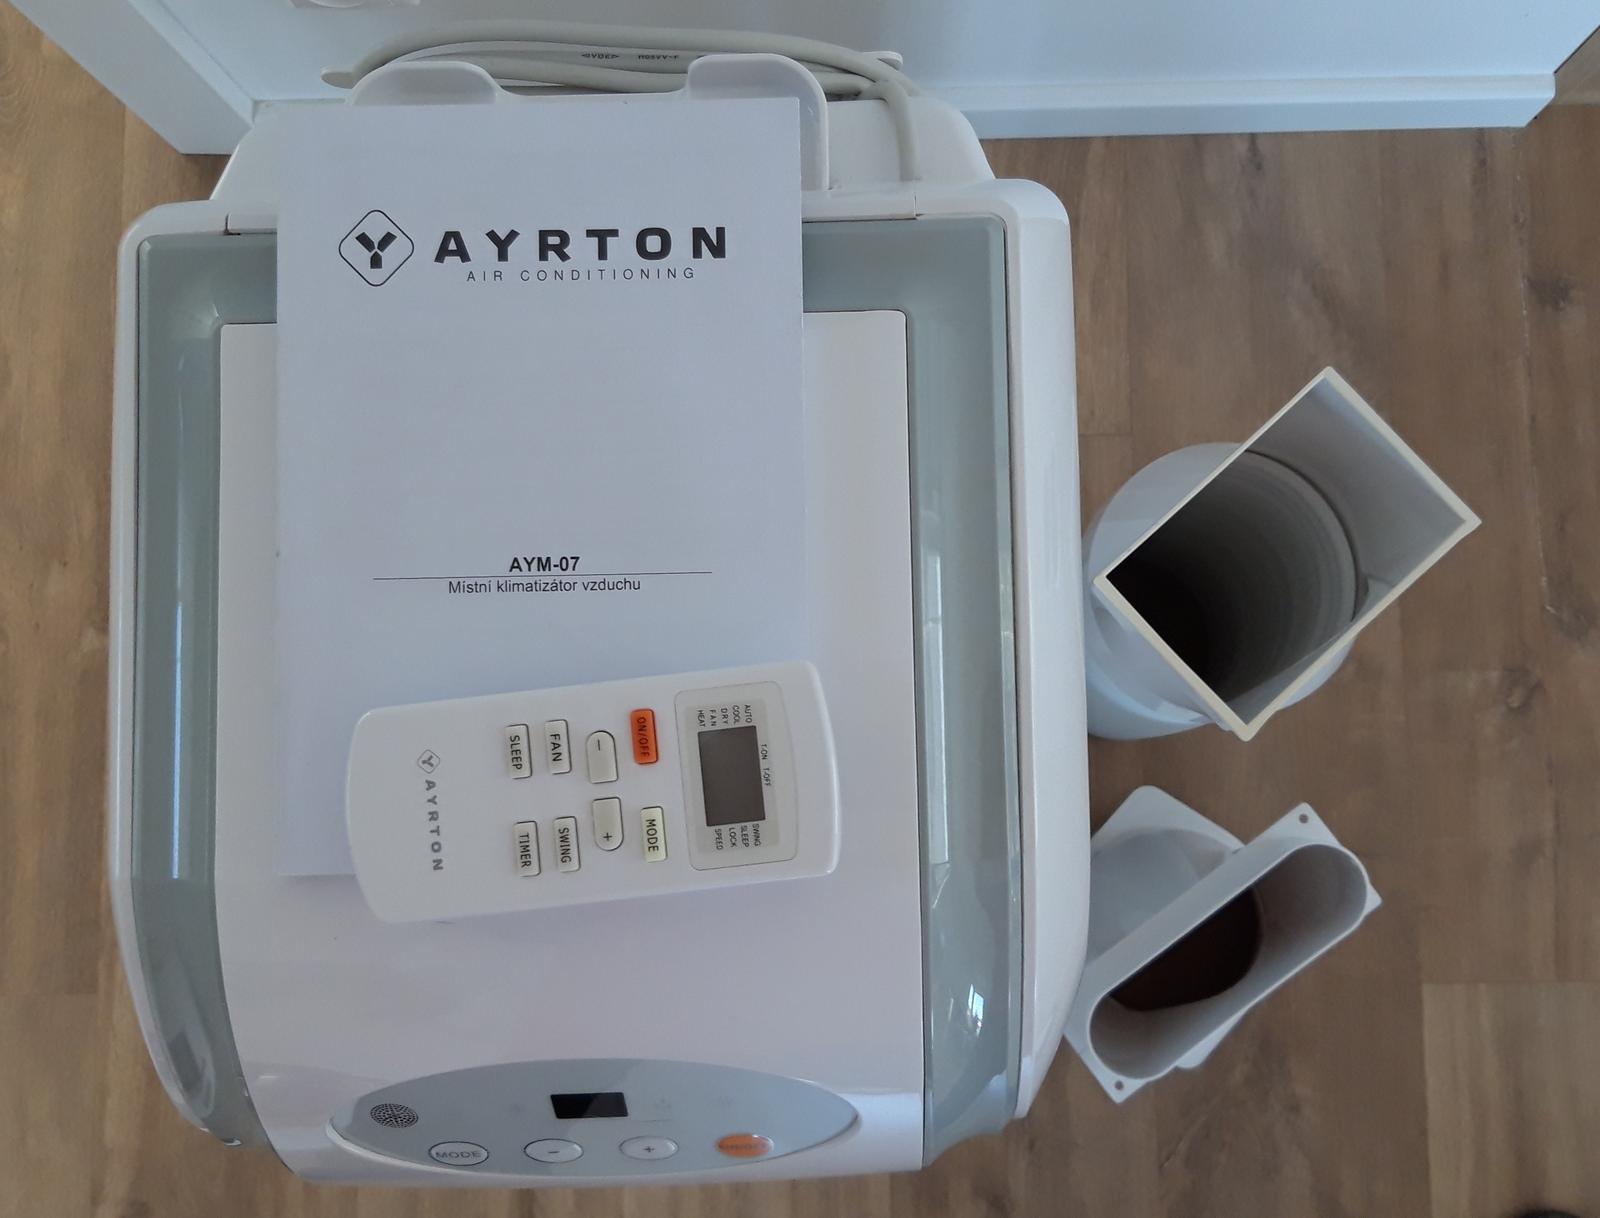 Mobilná klimatizácia AYRTON - Obrázok č. 2